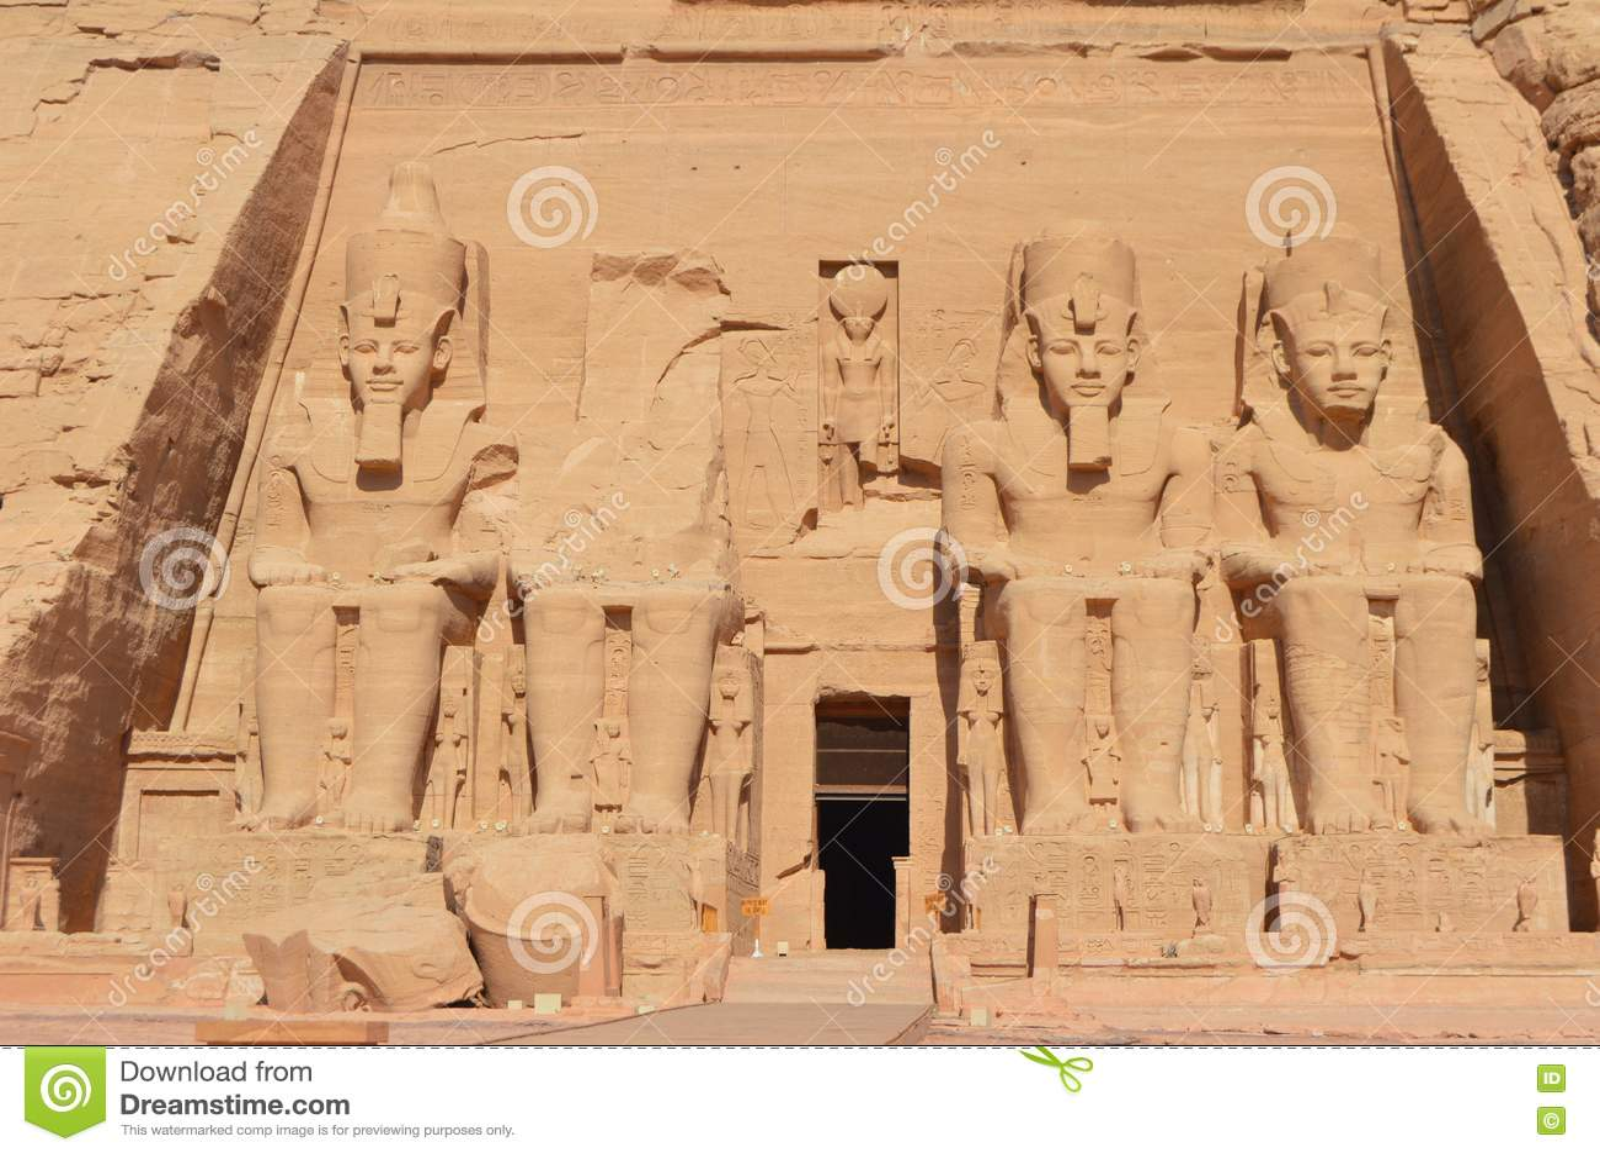 Das eindrucksvolle alte Monument bei Abu Simbel